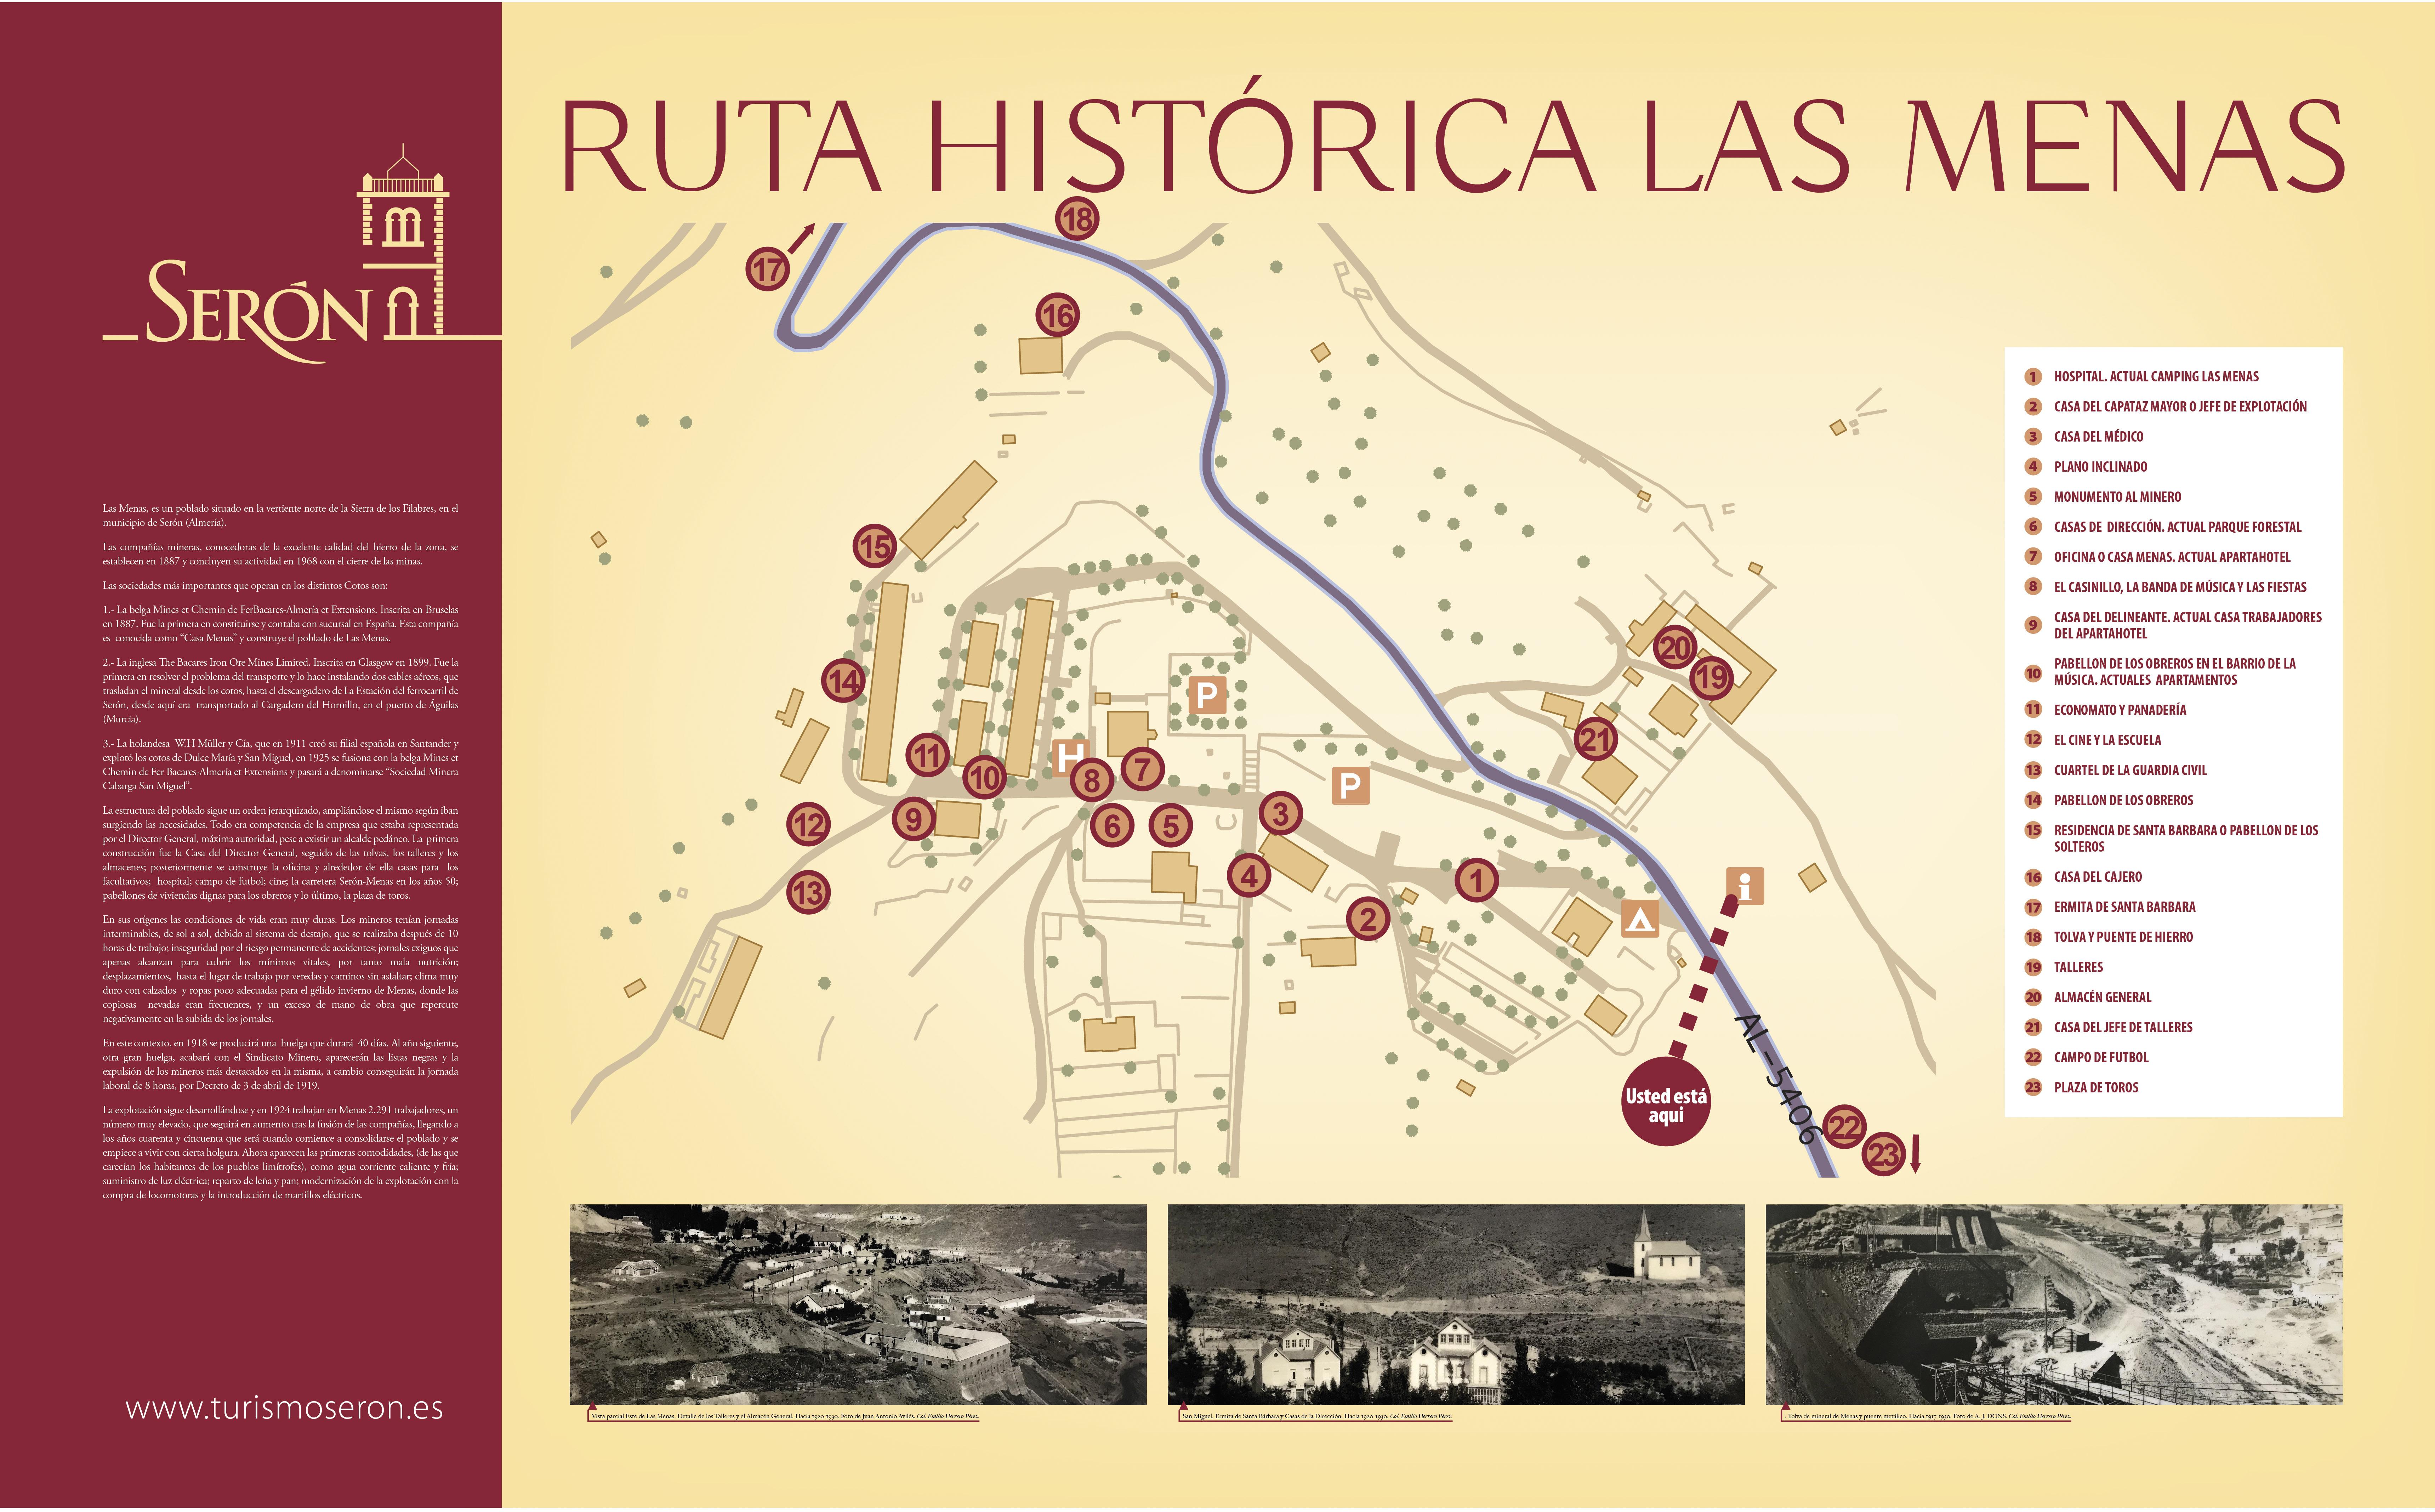 Ruta Histórica de Las Menas y ubicación de las instalaciones